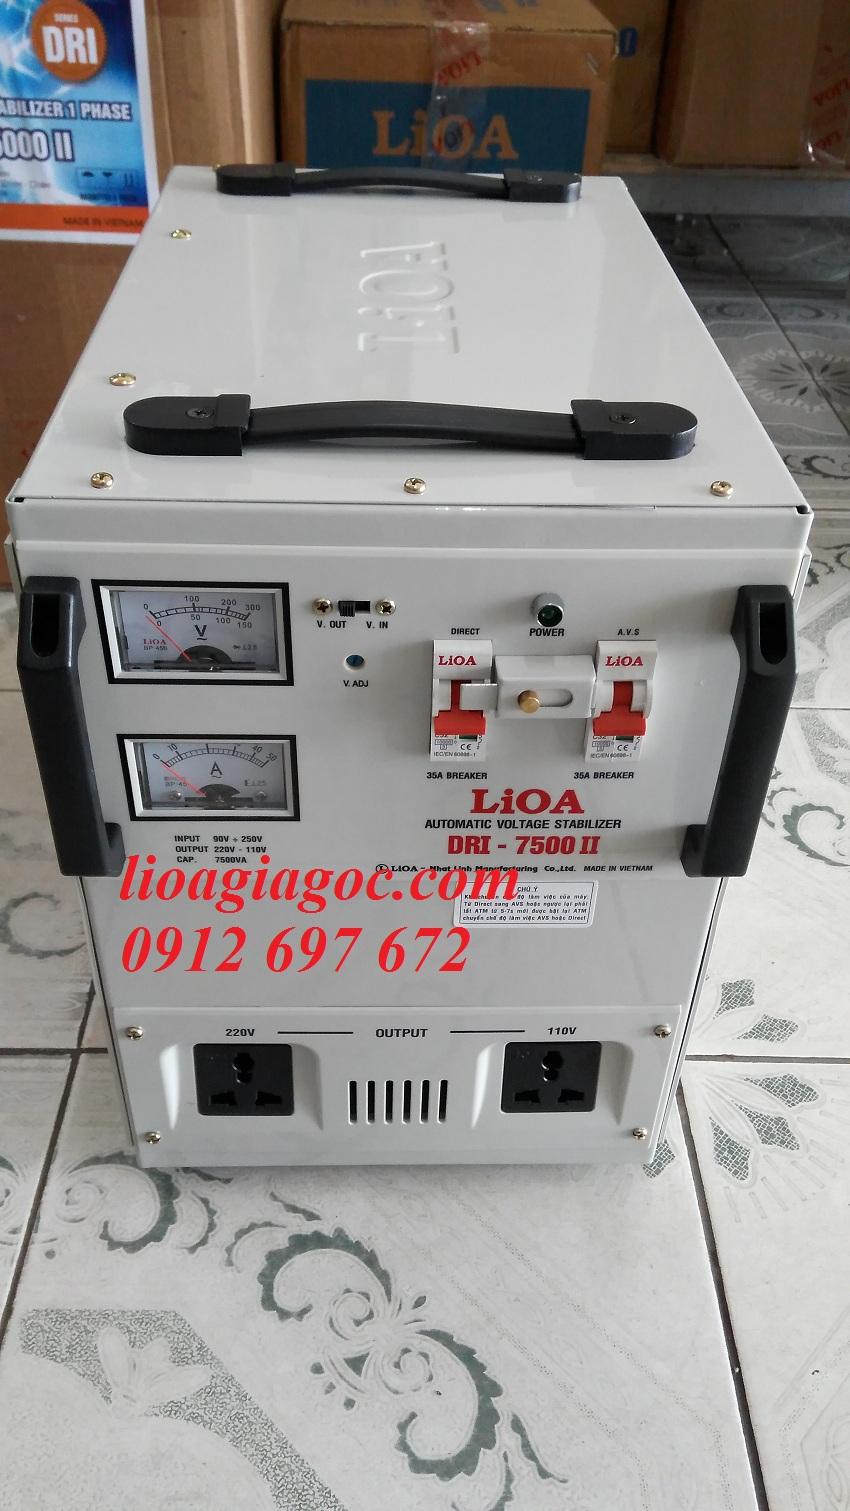 lioa 7500 dr1